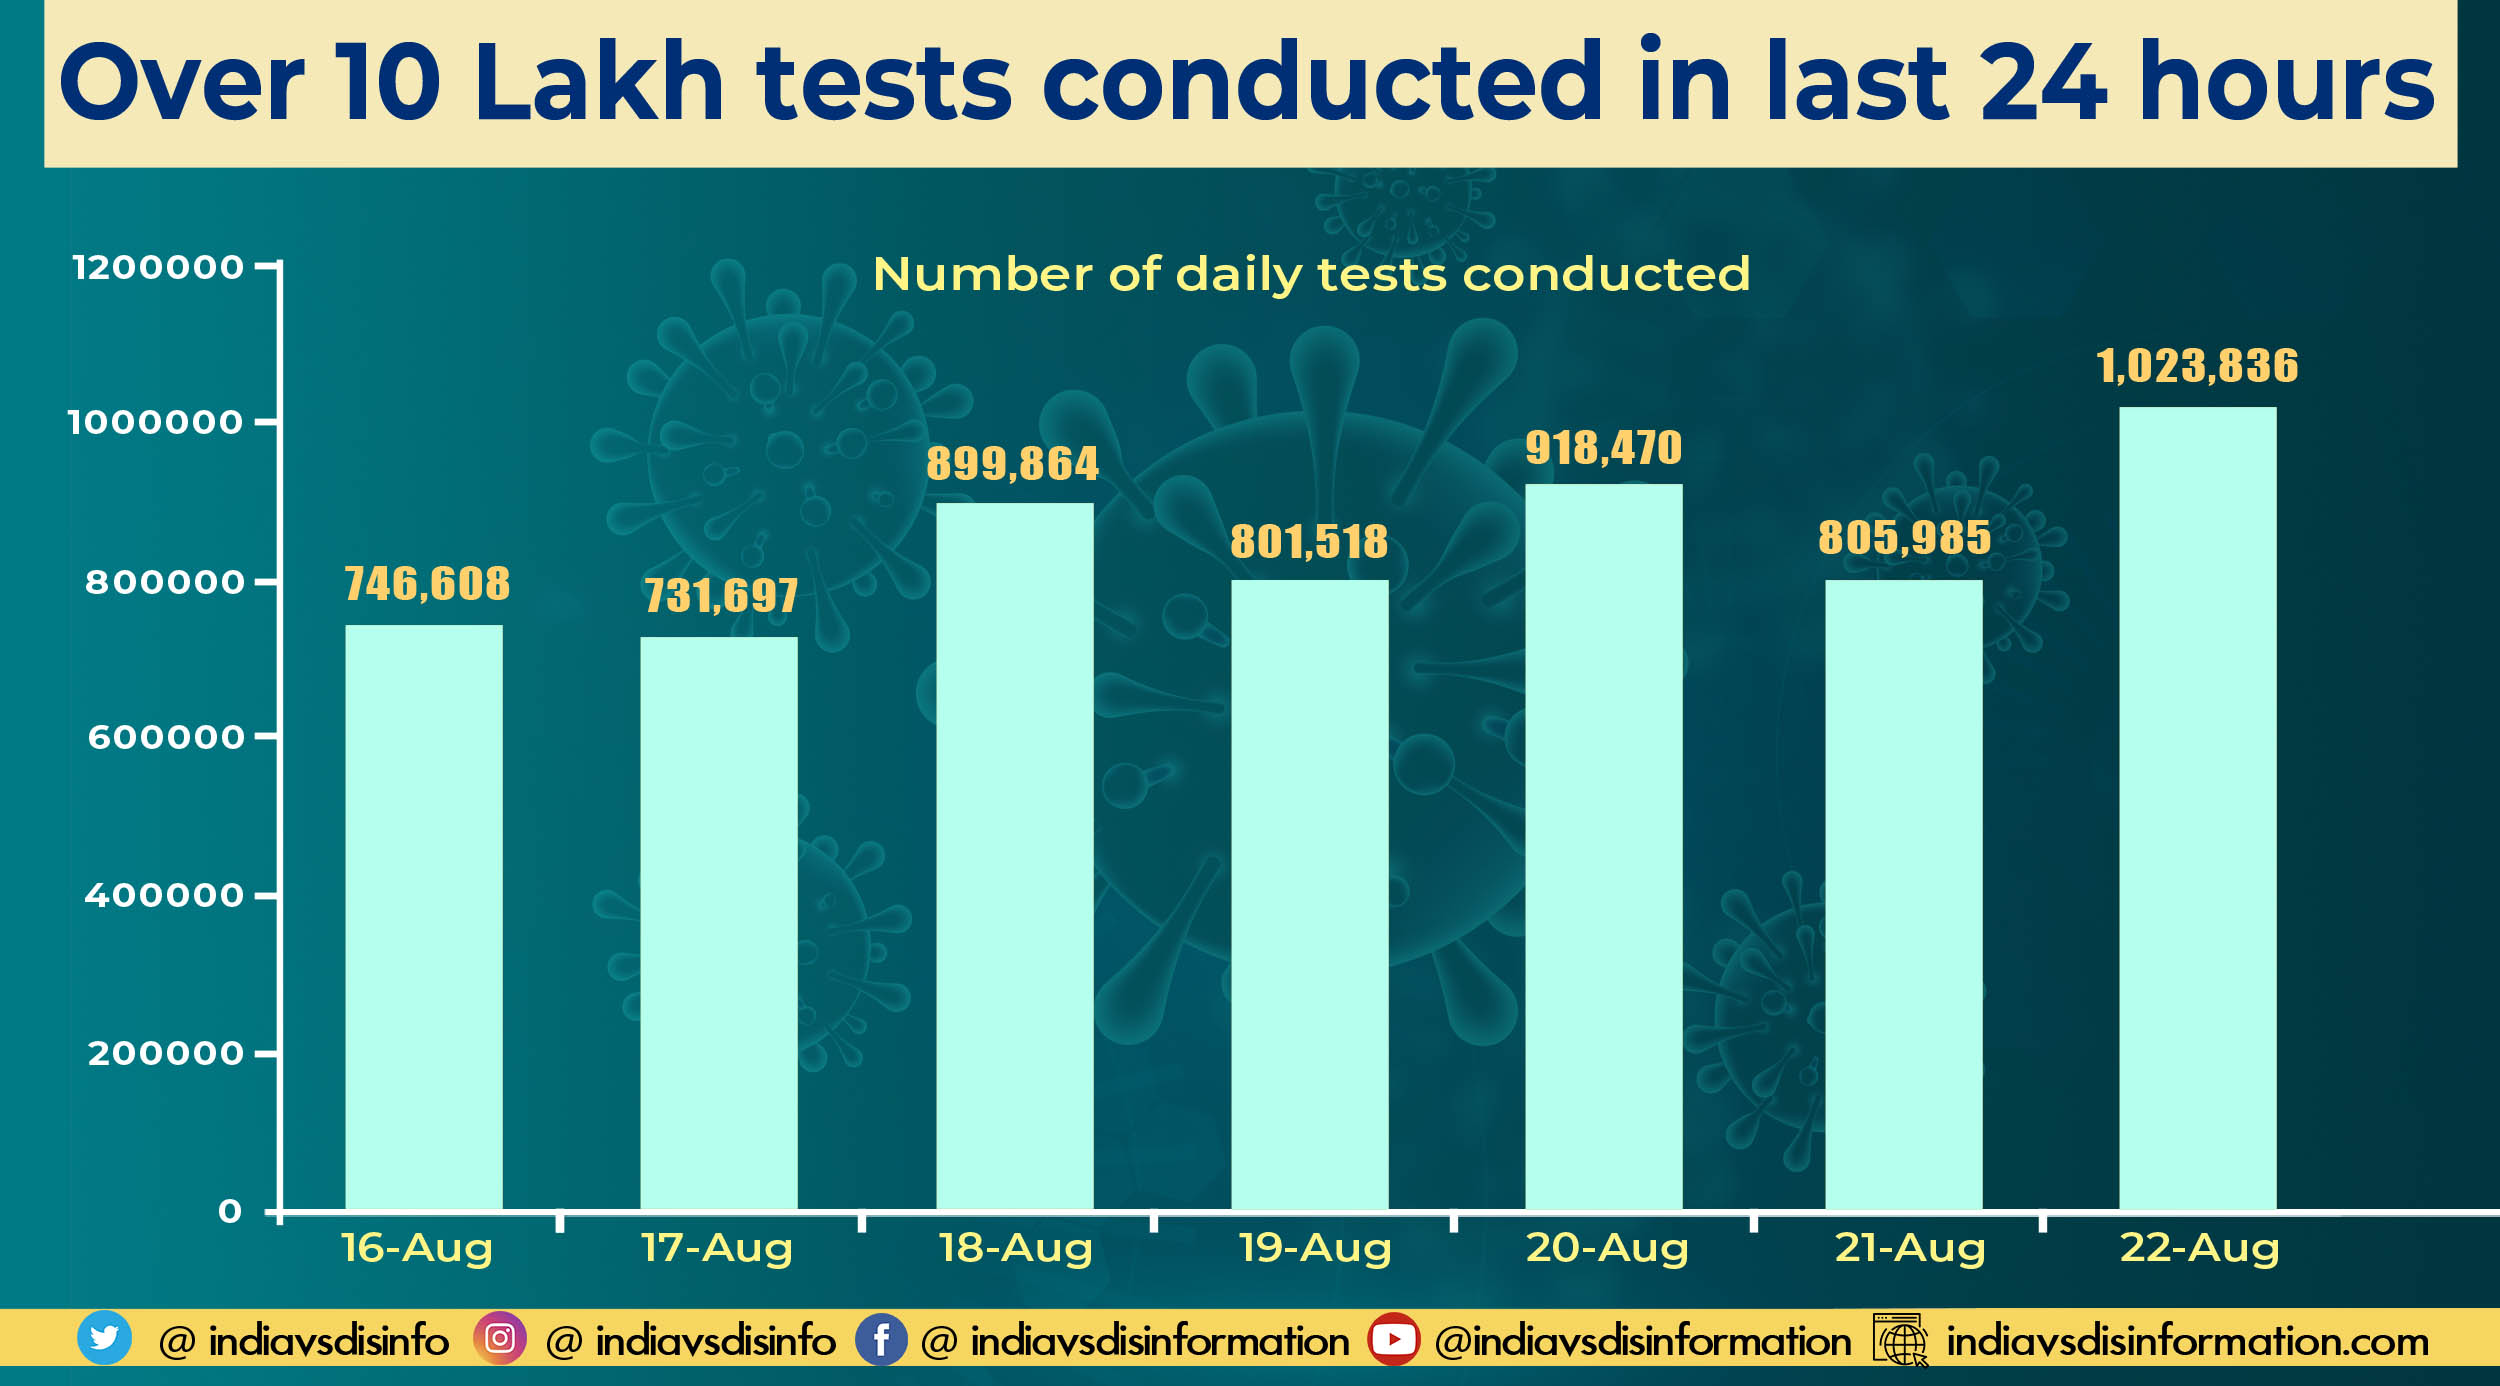 Обновление Covid-19: за последние 24 часа проведено 10 23 836 тестов